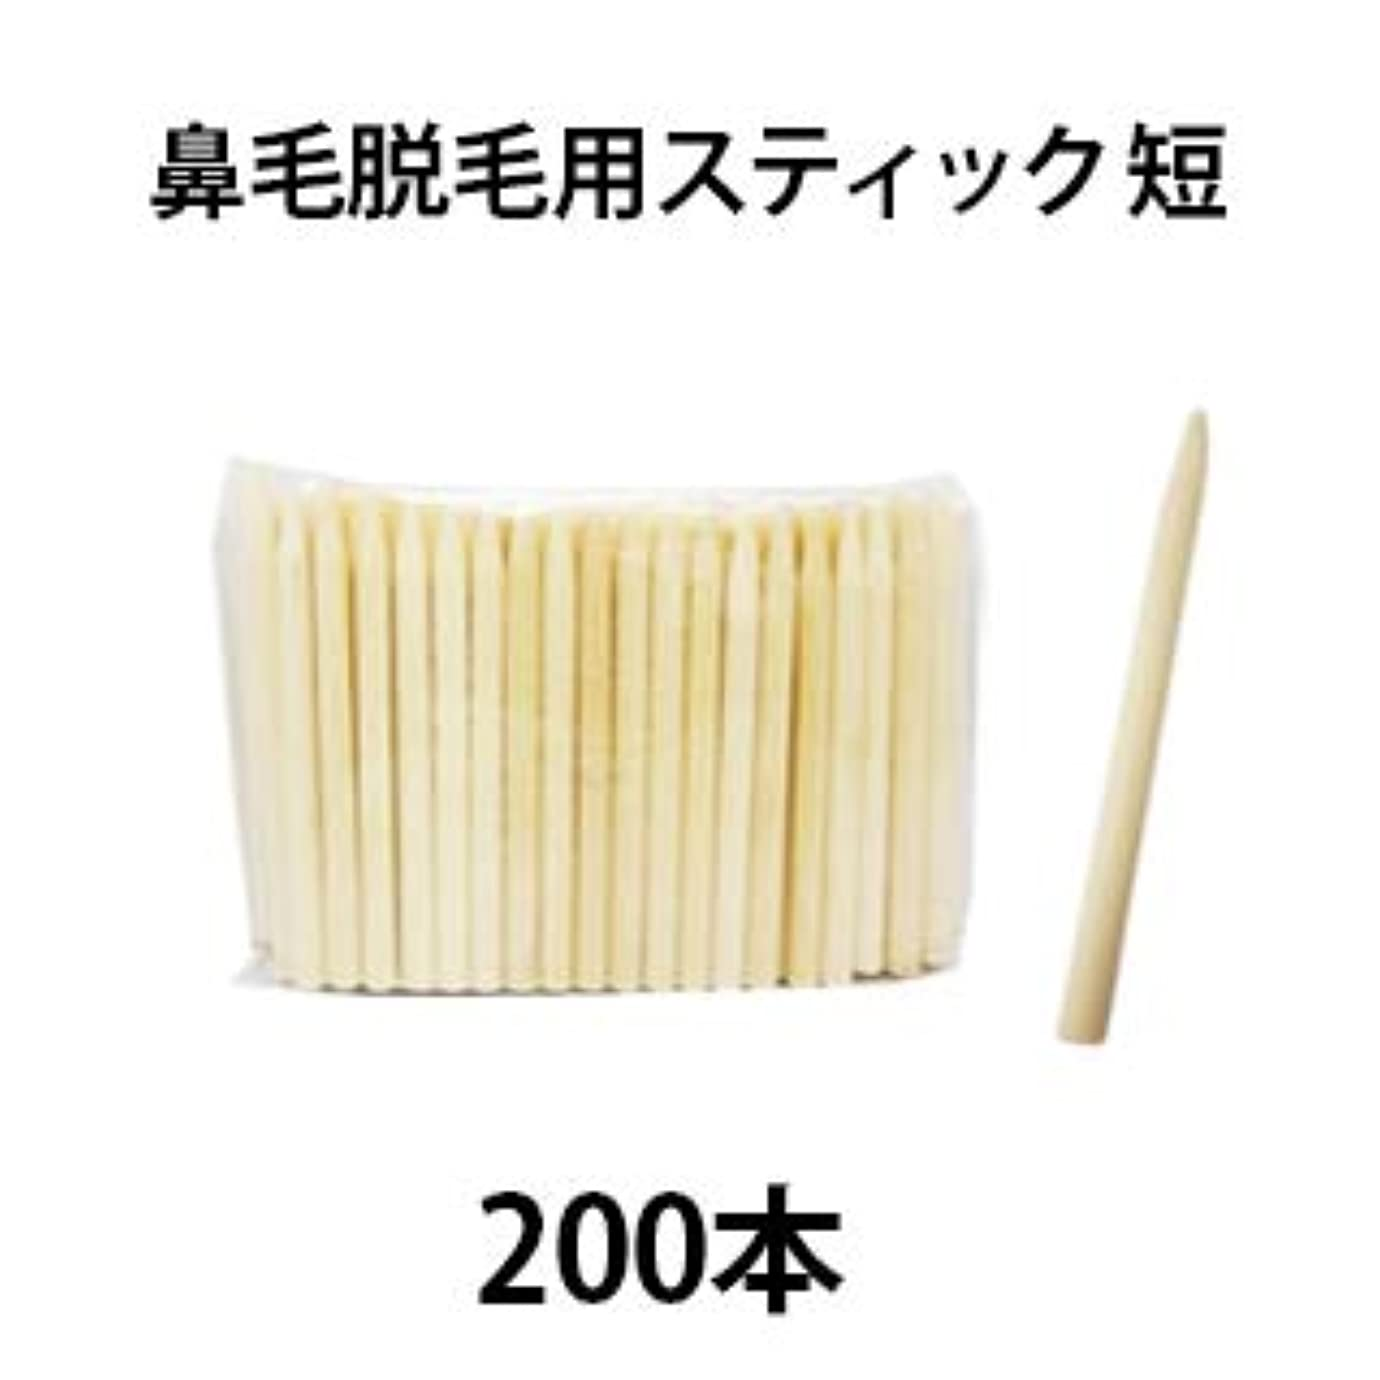 釈義スーツ副産物【短 鼻毛脱毛】ウッドスティック 短 200本 75mm